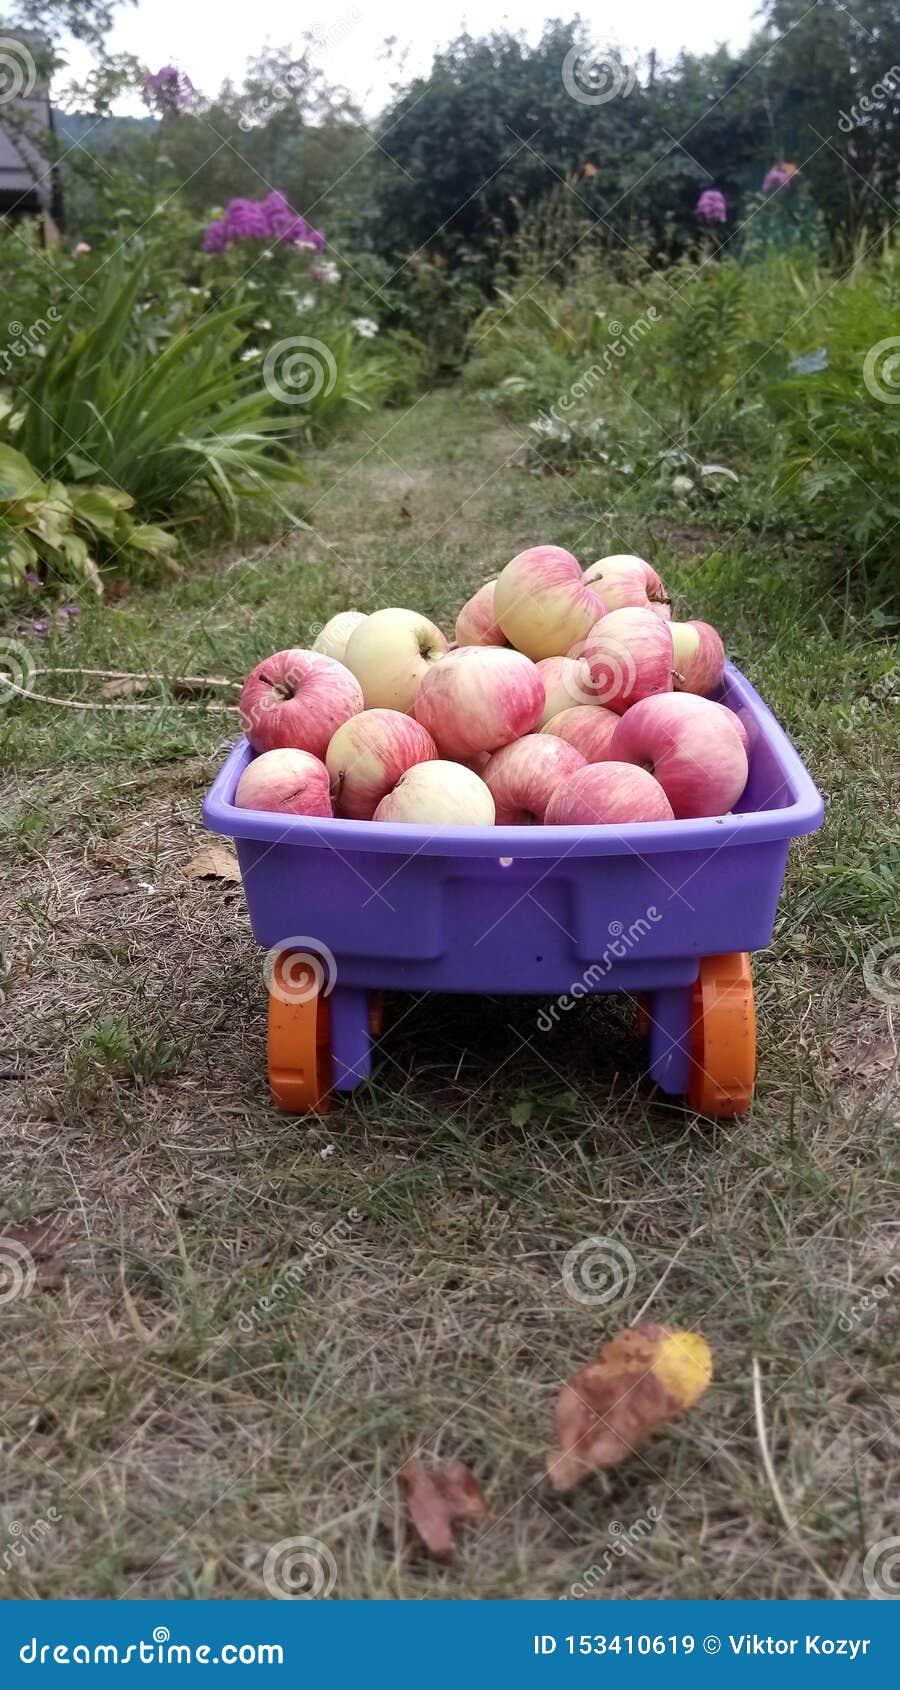 En vagn med äpplen på banan av en sommarträdgård som omges av blommor